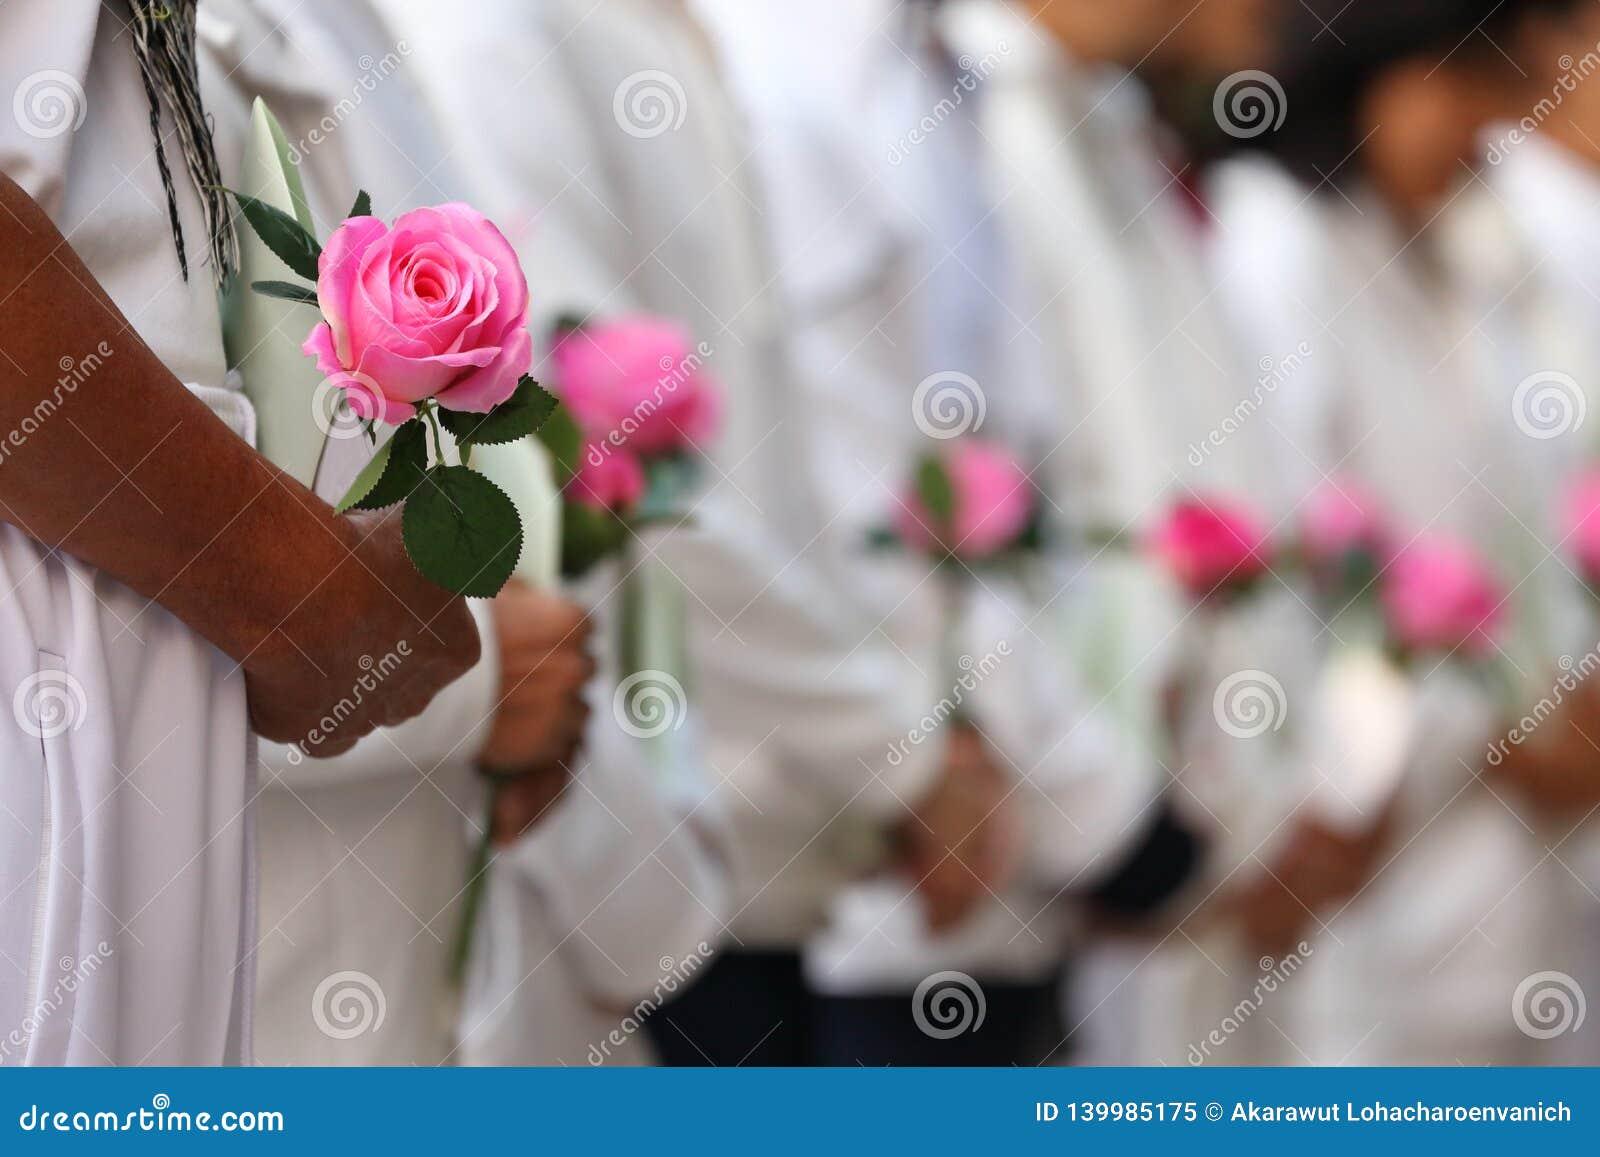 Das Gruppe von Personenen-Angebot stieg die Blume, die das Beileid für das Respektieren das verlorene von Liebe eine während der